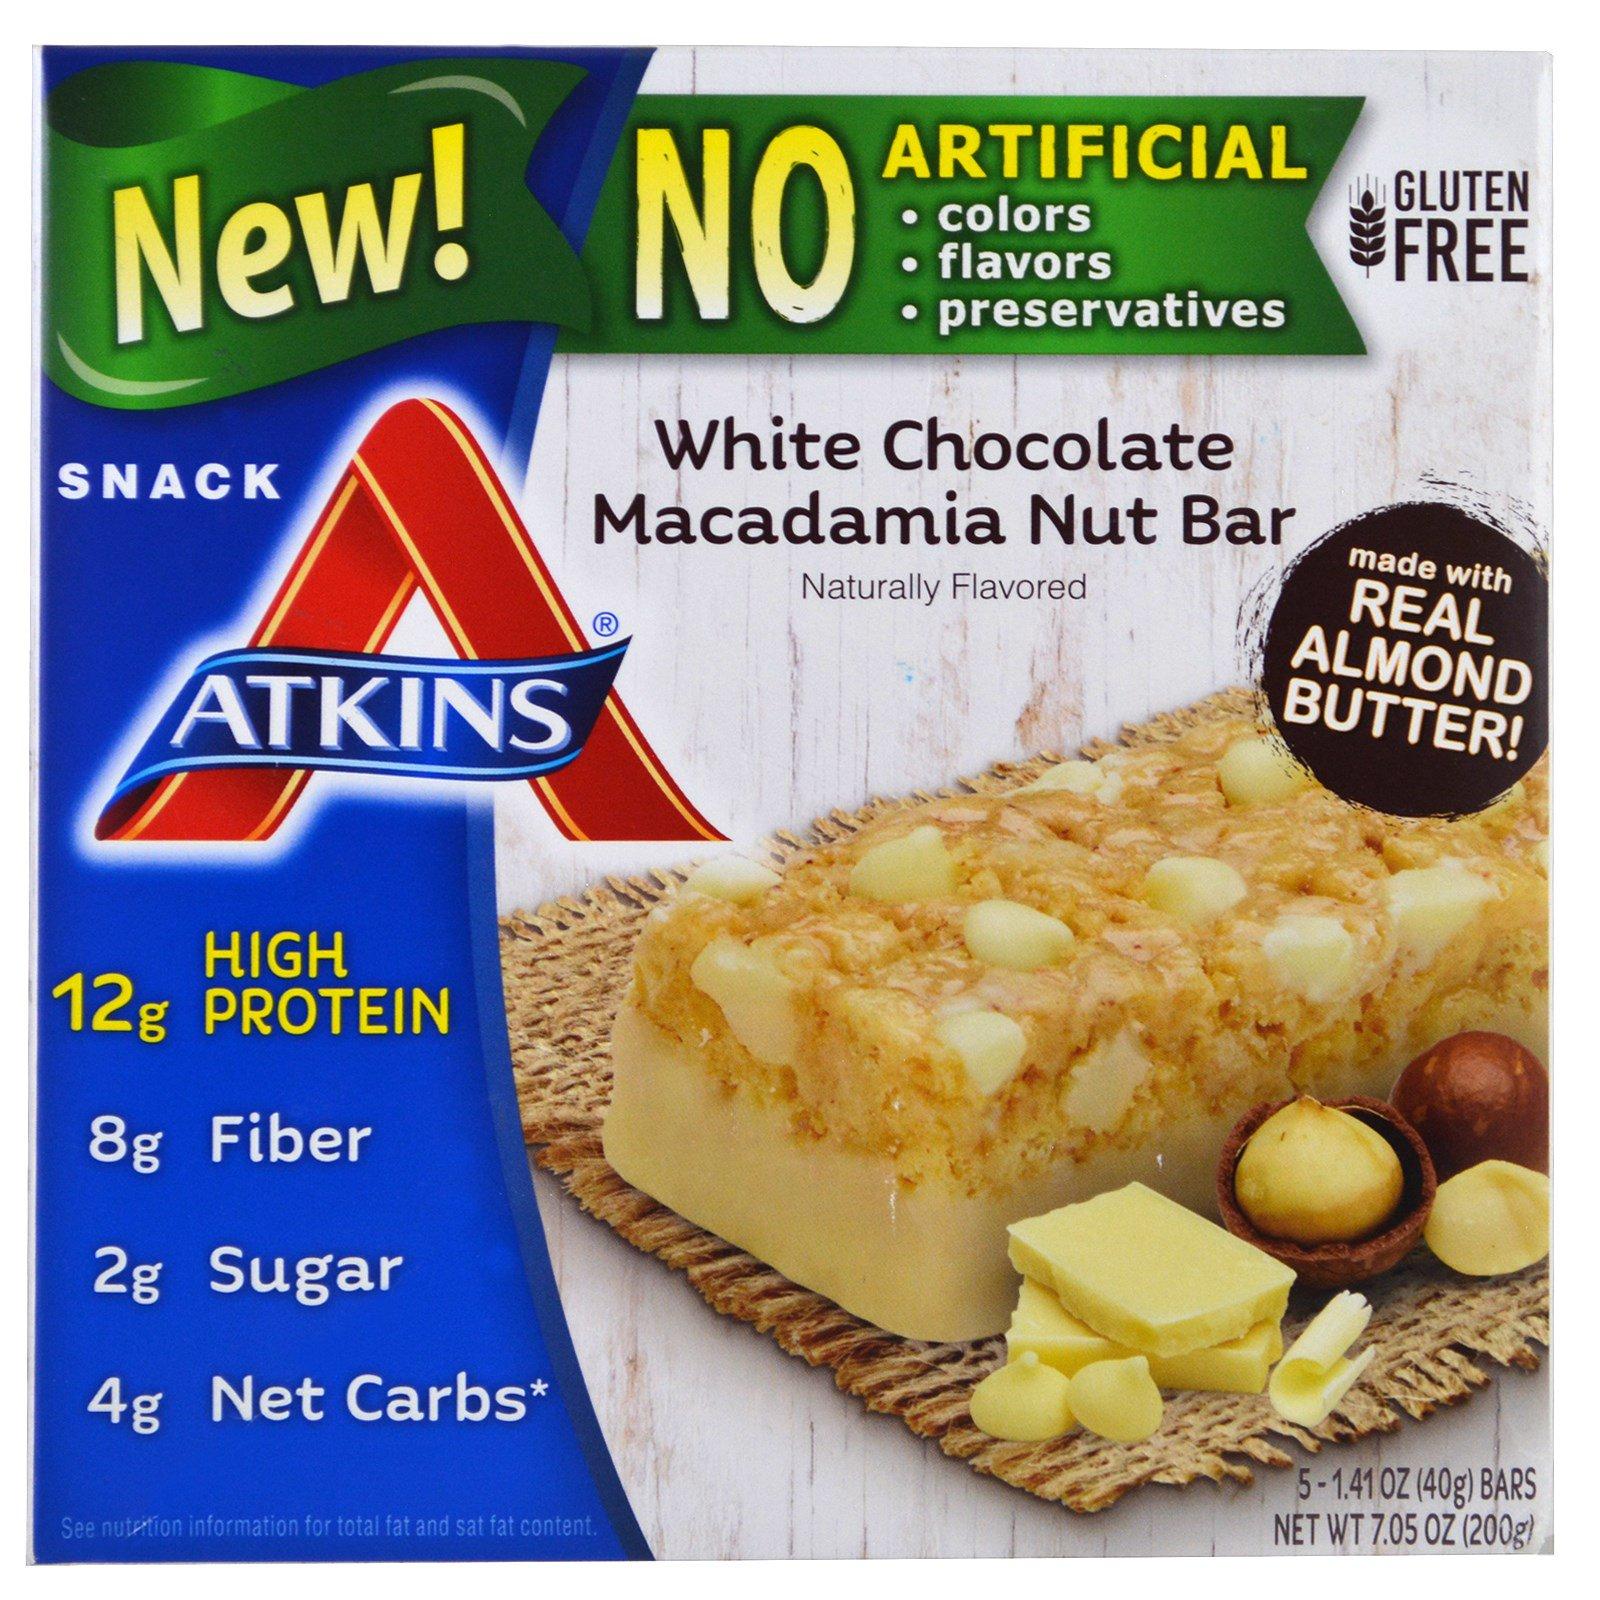 Atkins, Батончик с белым шоколадом, орехами и макадамией, 5 батончиков, 40 г (1,41 унции)